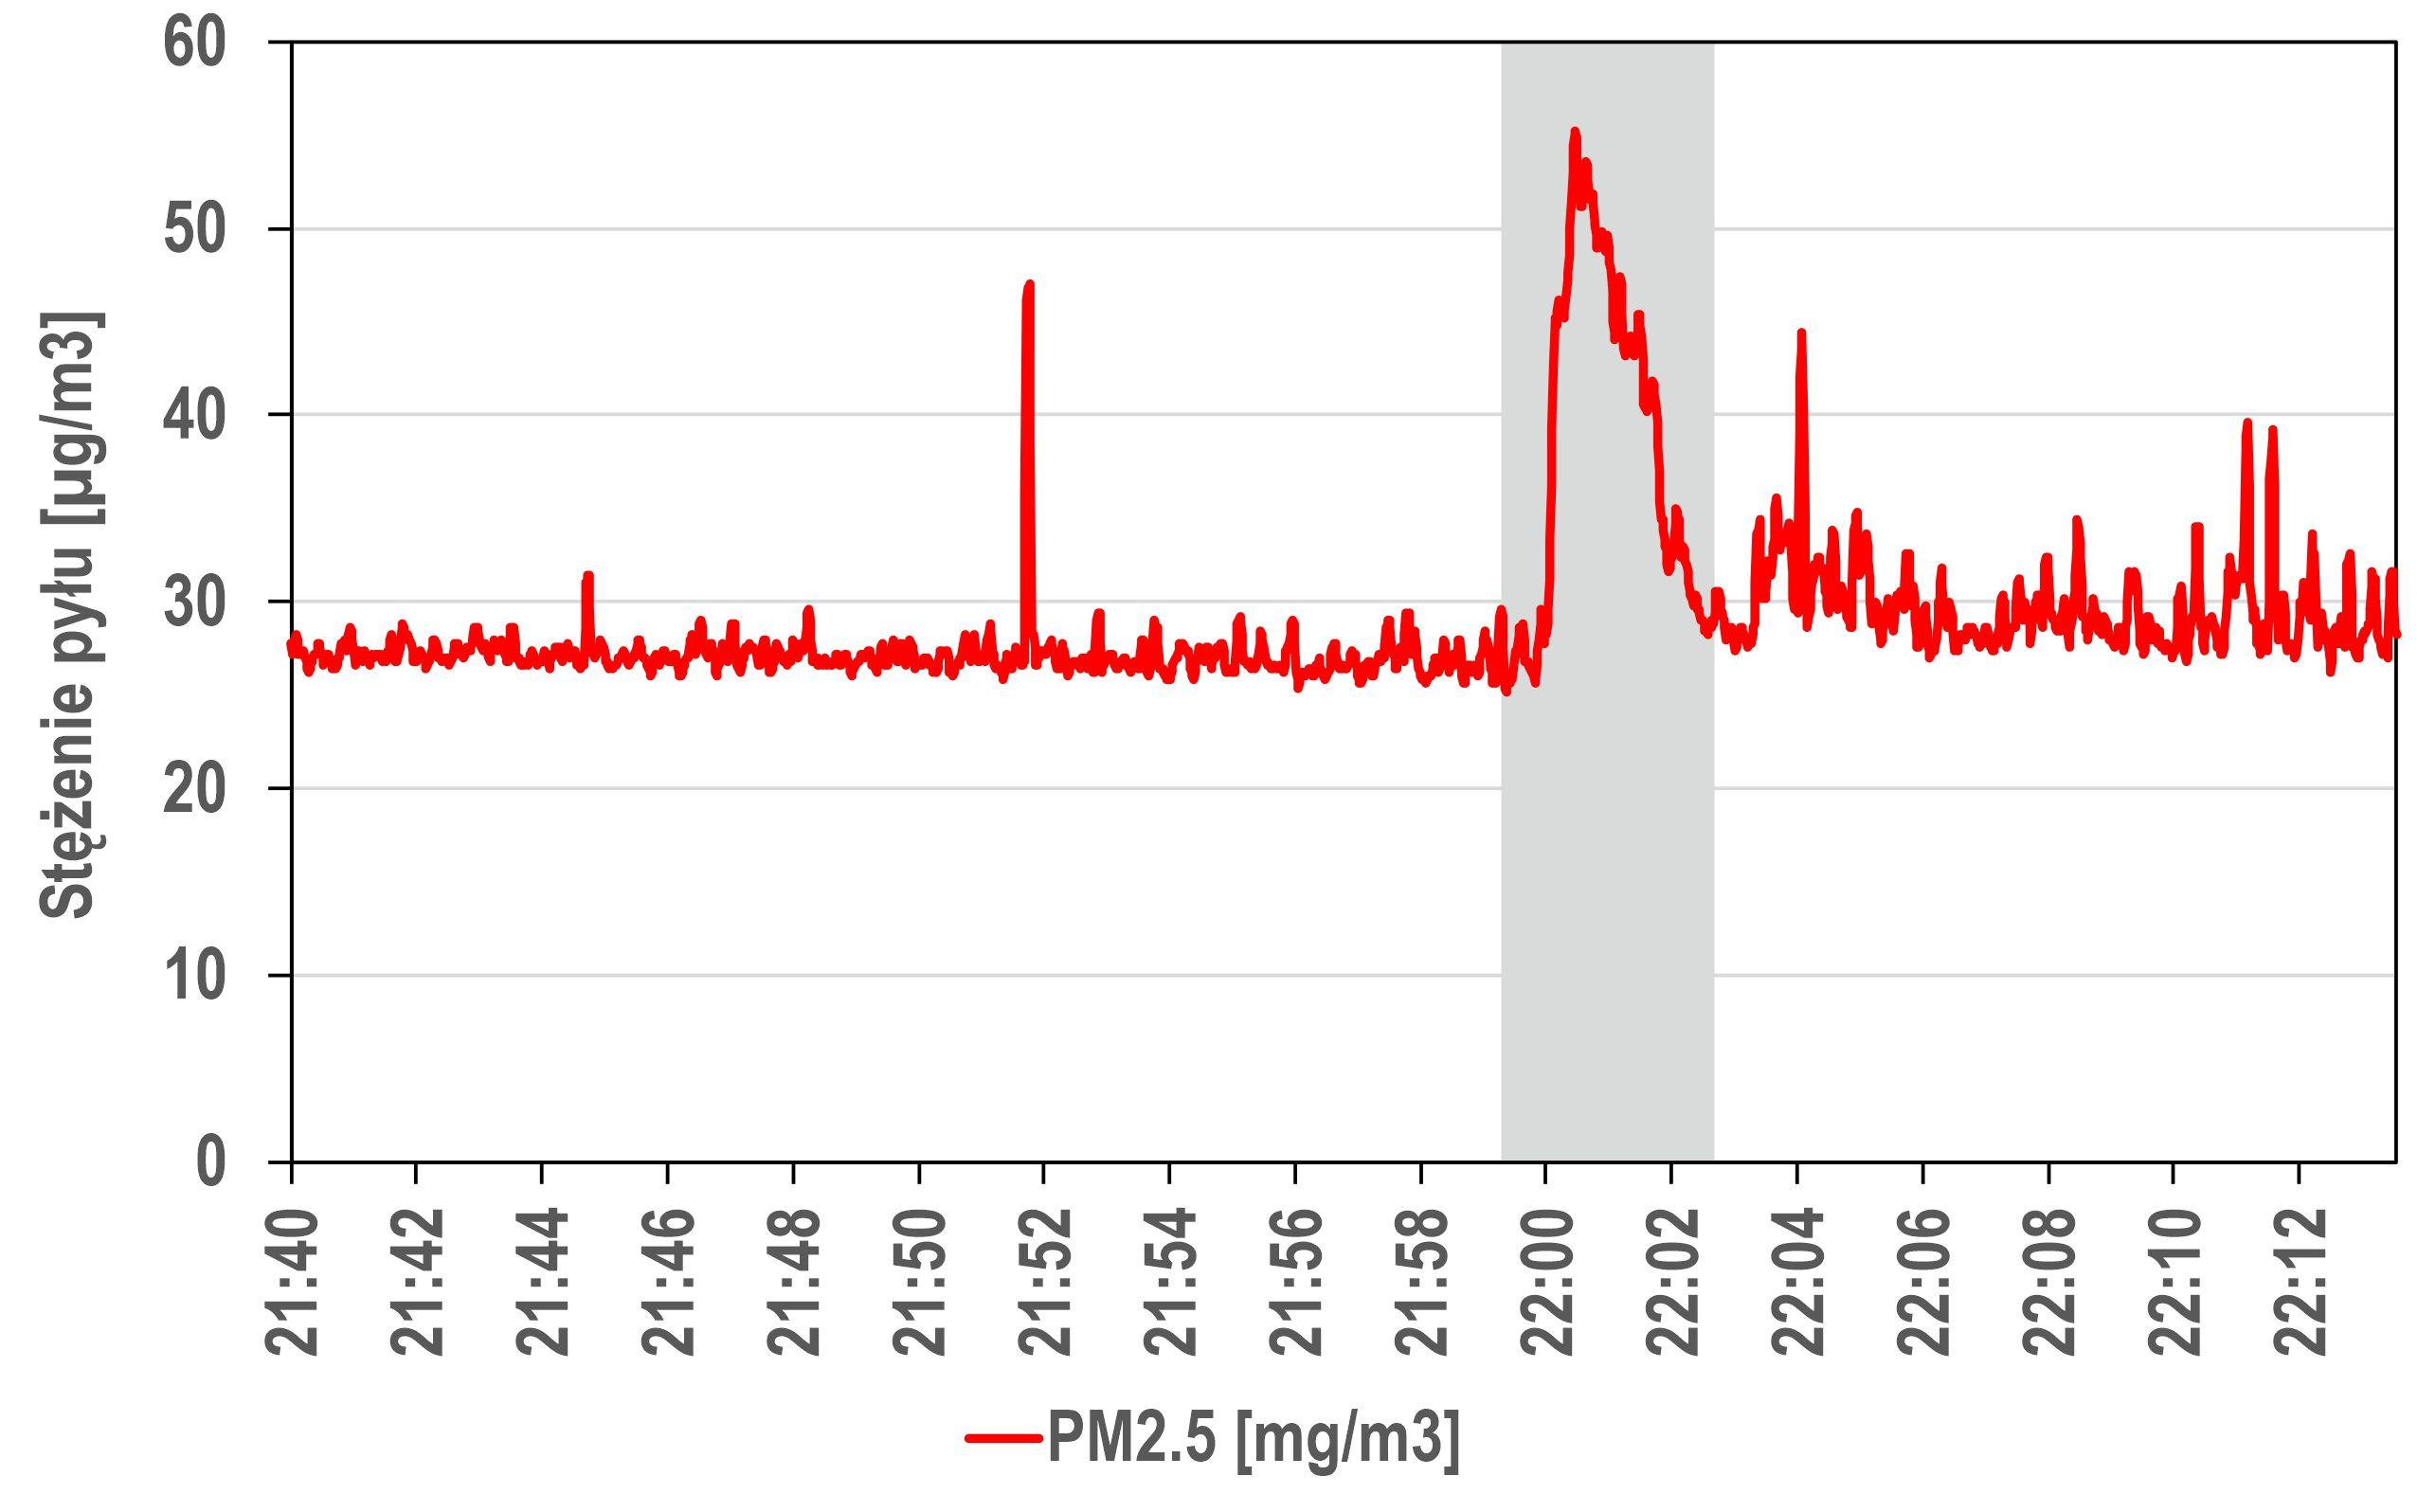 Przebieg stężeń pyłu PM2.5 podczas wietrzenia w mieszkaniu na jednym z wrocławskich osiedli